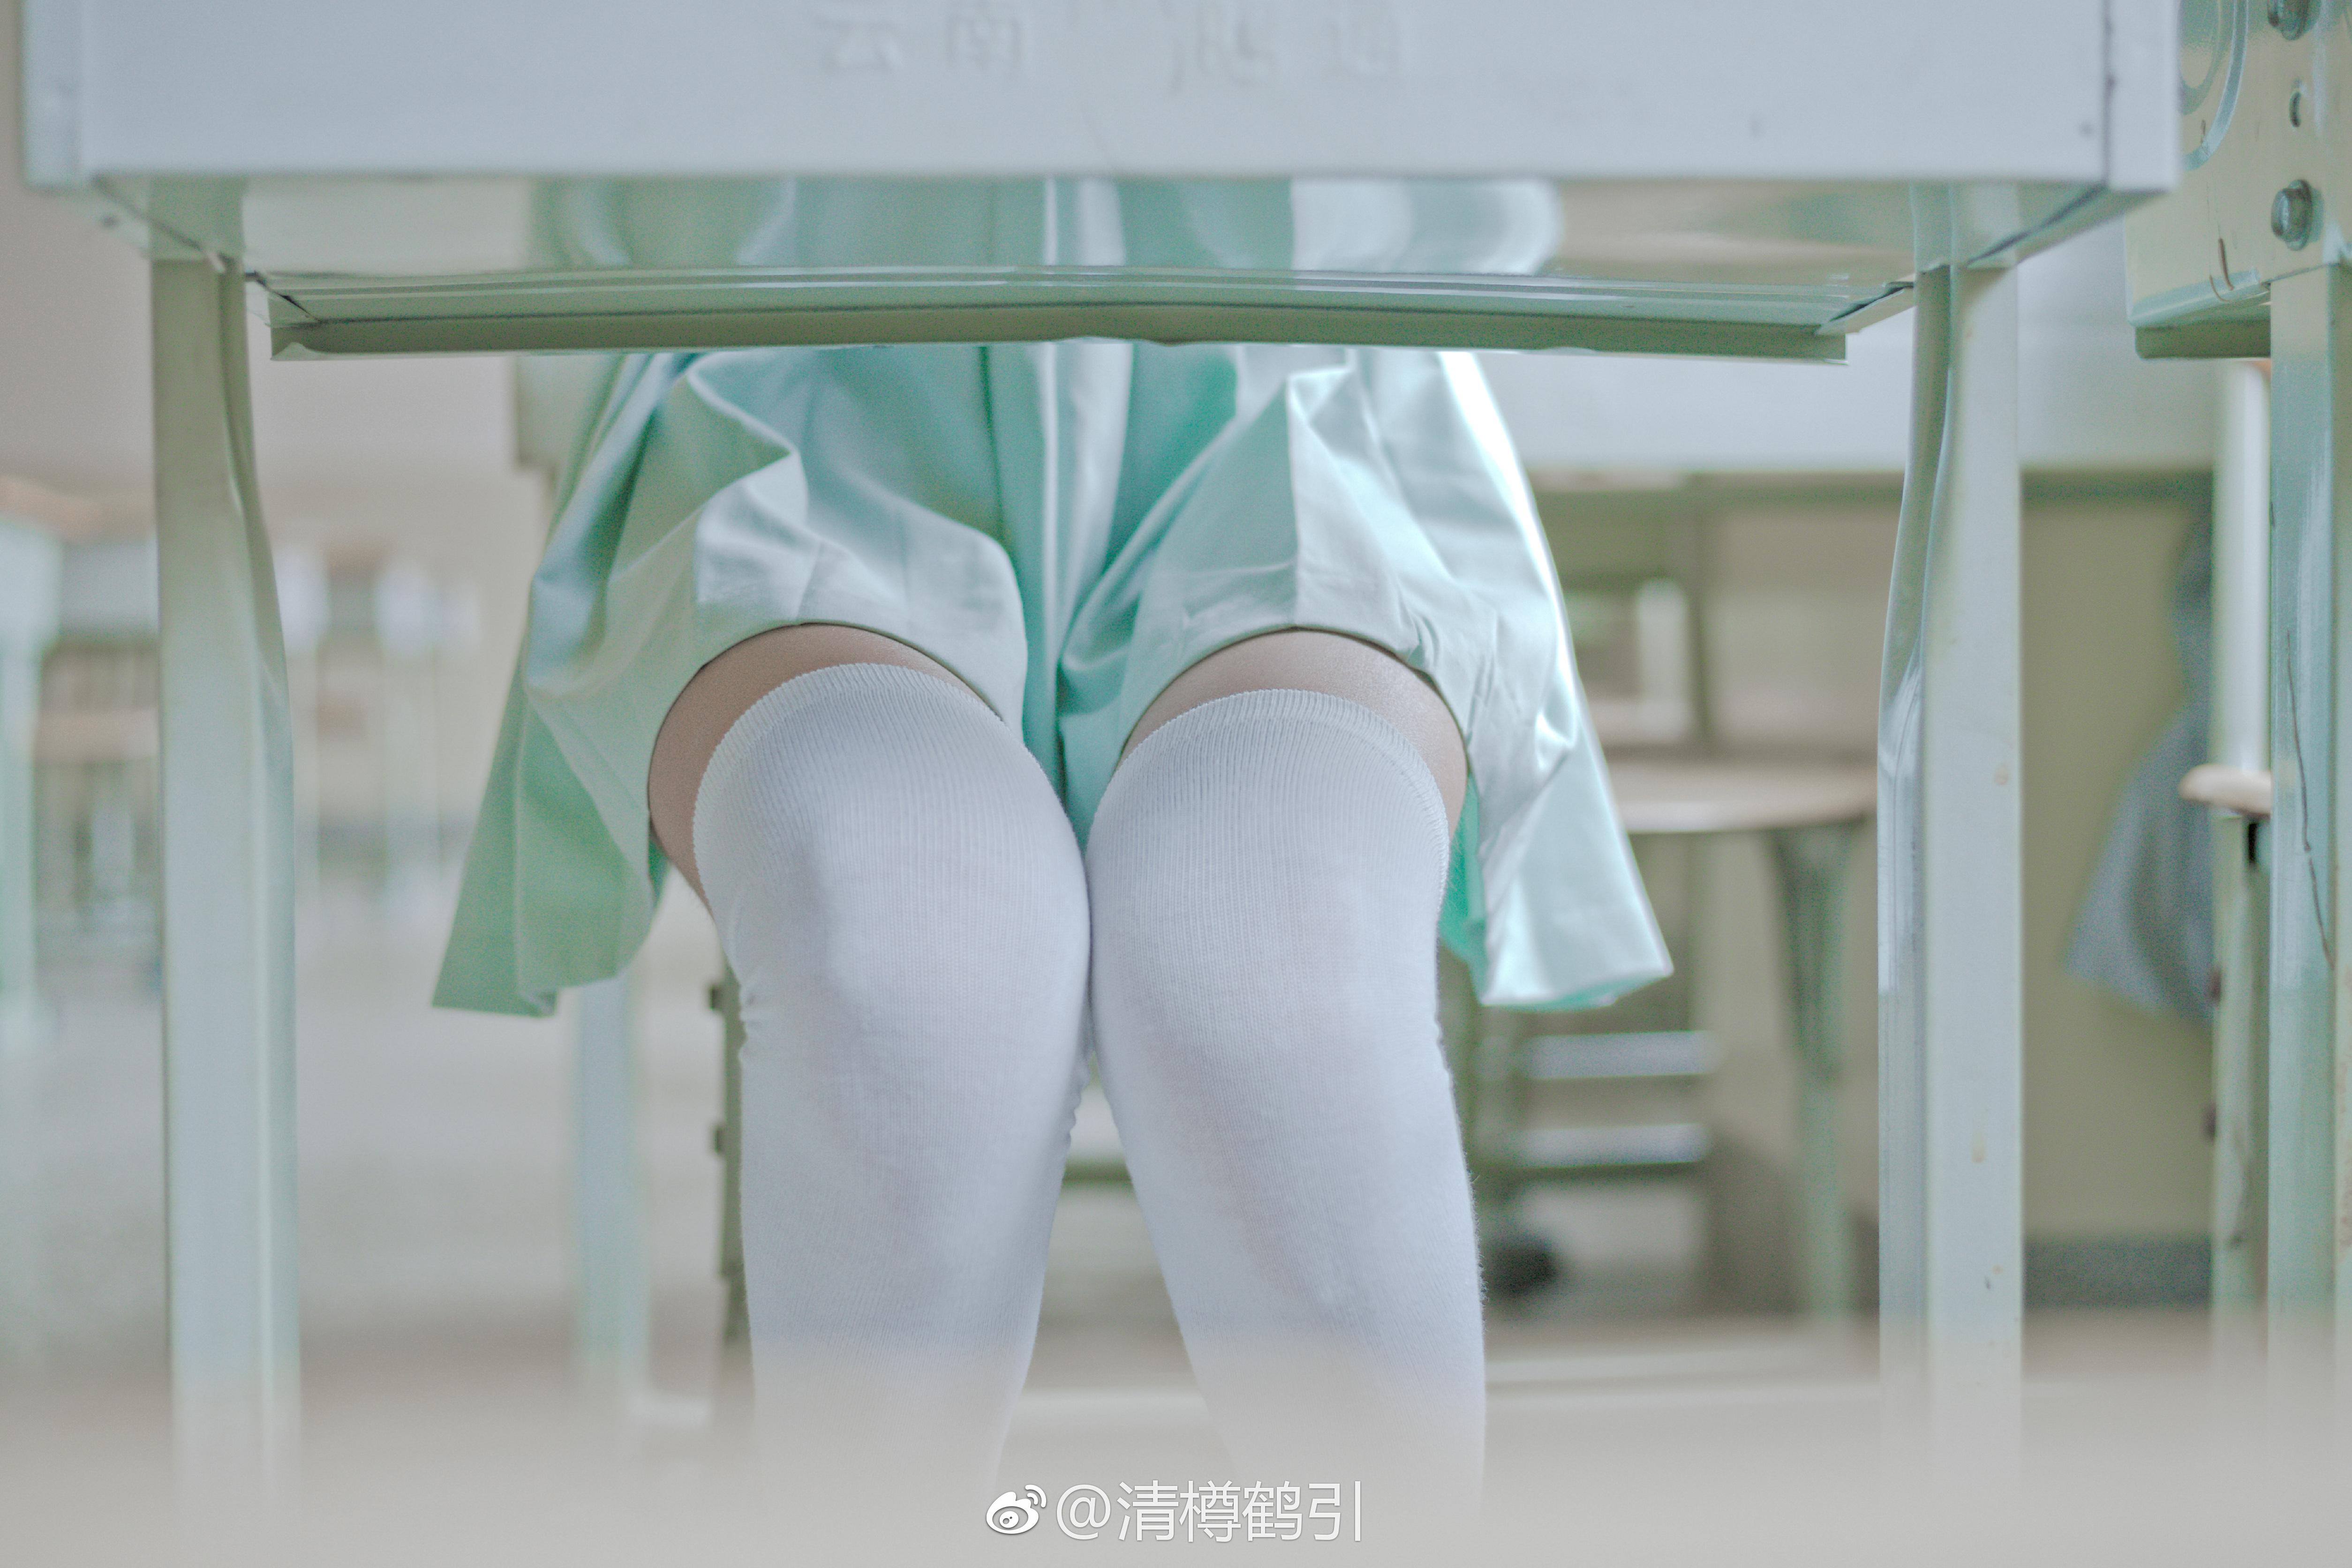 日系风的白丝制服少女福利,小草莓真可爱(18P)